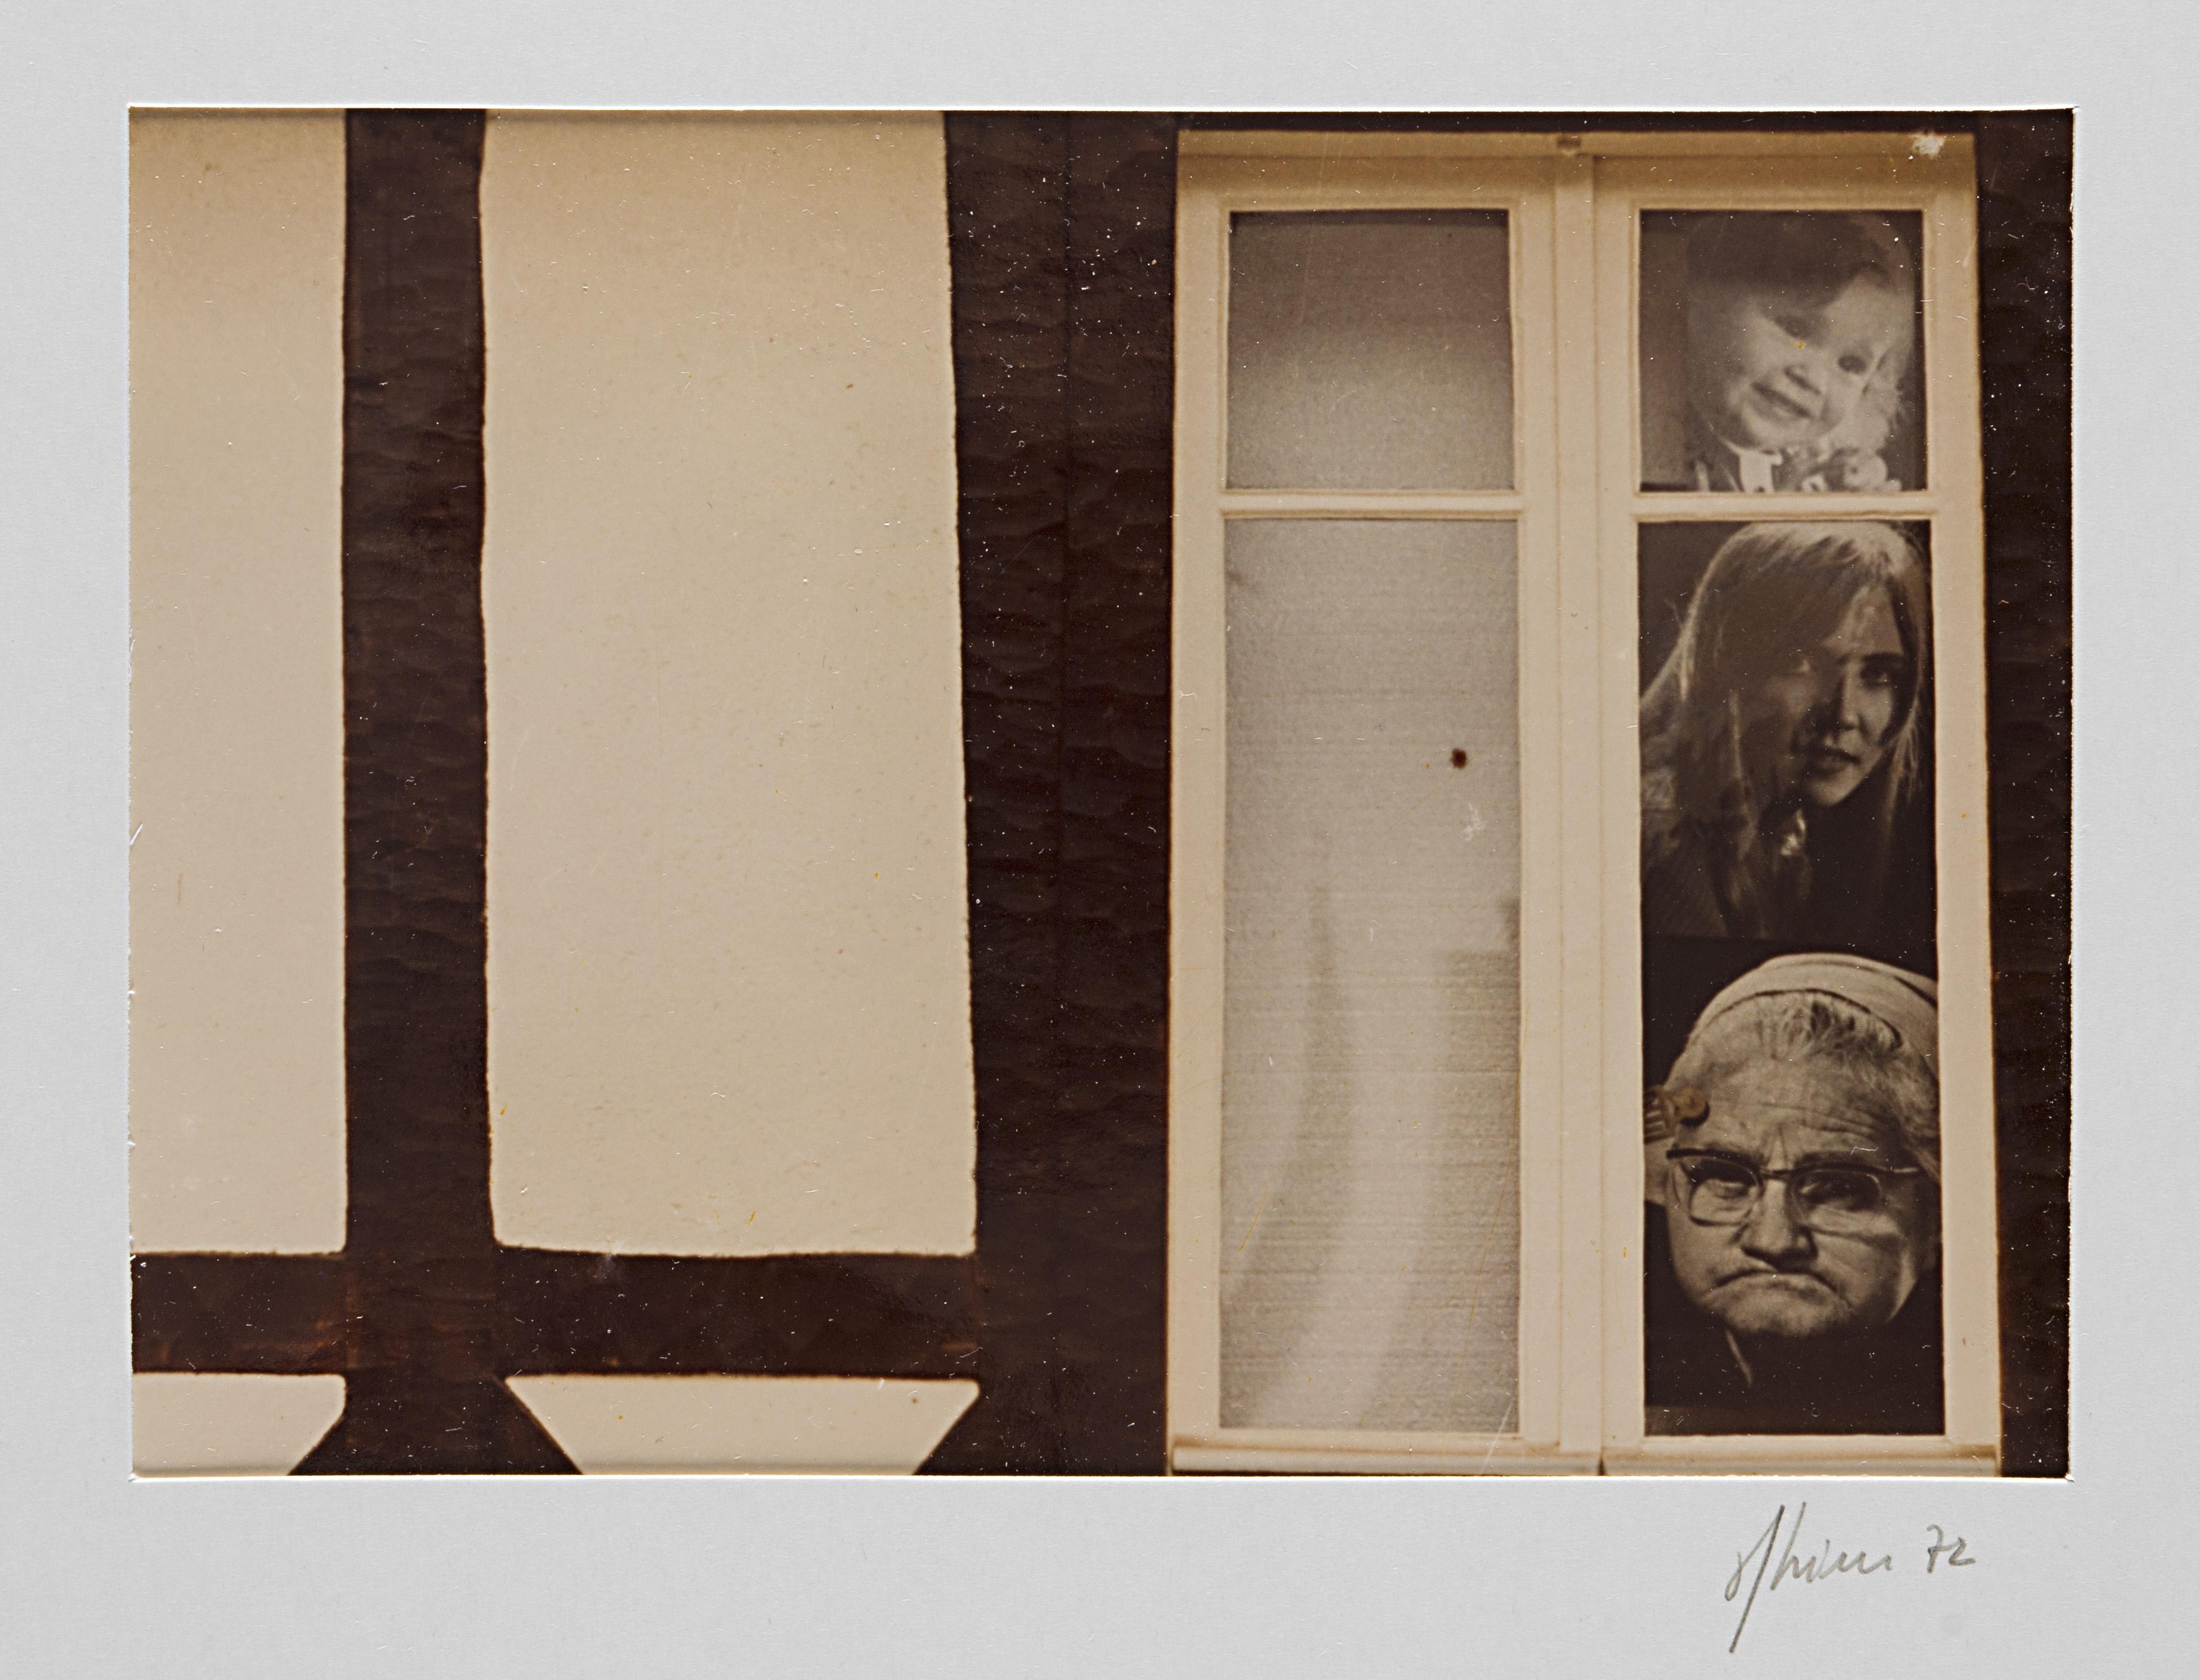 Quimper, 1972